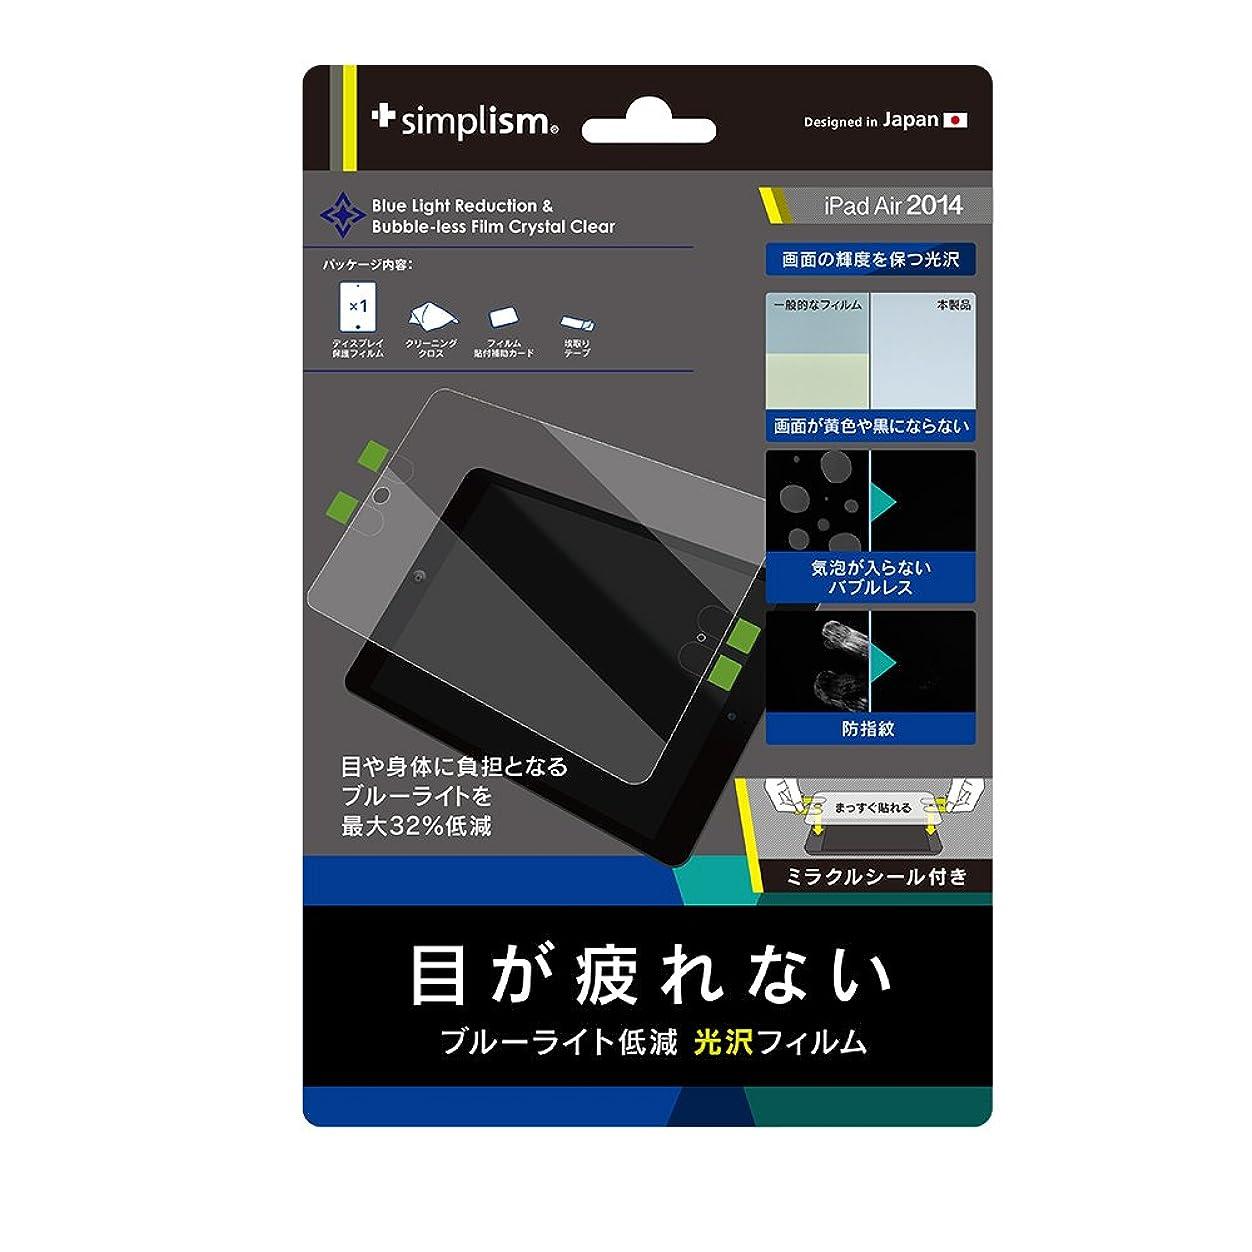 鉄道駅擬人化従事するSimplism iPad Air 2 ブルーライト低減&バブルレスフィルム 光沢 TR-PFIPD14-BCCC